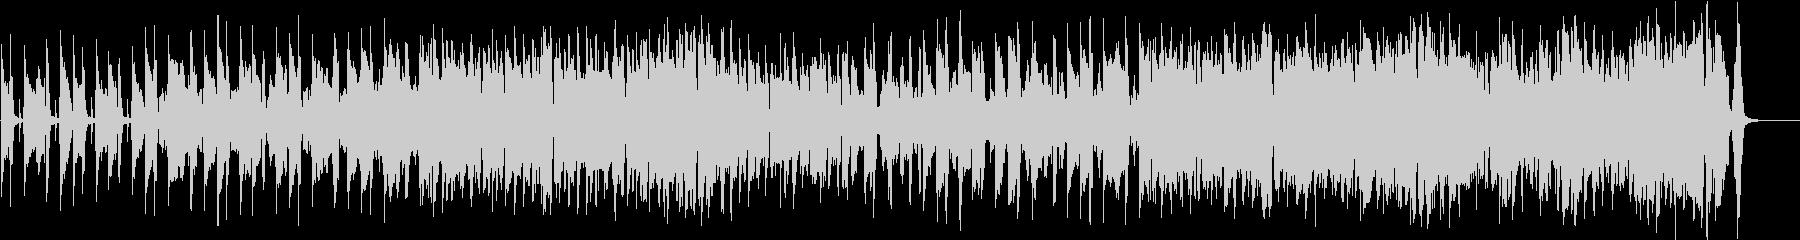 ケルト・アイリッシュのコミカルな行進曲の未再生の波形